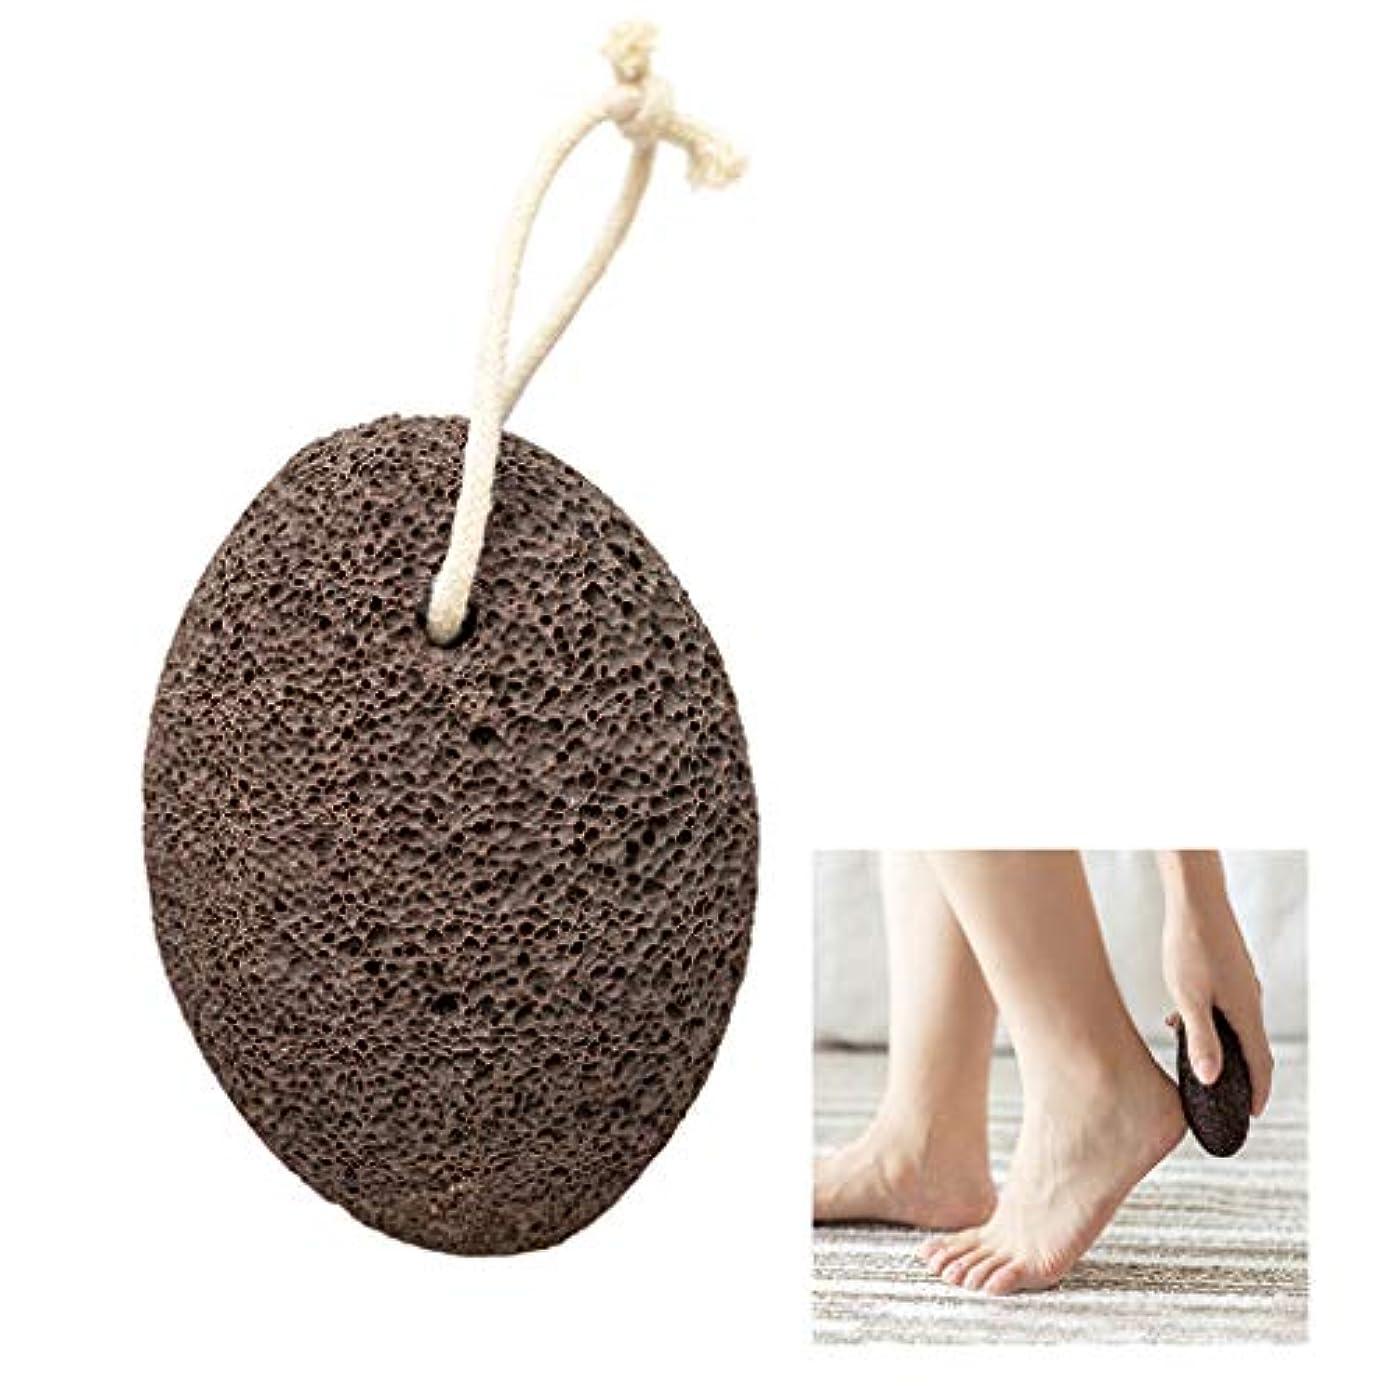 降臨神妊娠した足の石、死んだ肌にヒール、ペディキュア火山岩、家庭用バスルーム製品、大人に適した、ハングアップすることができます。,Brown